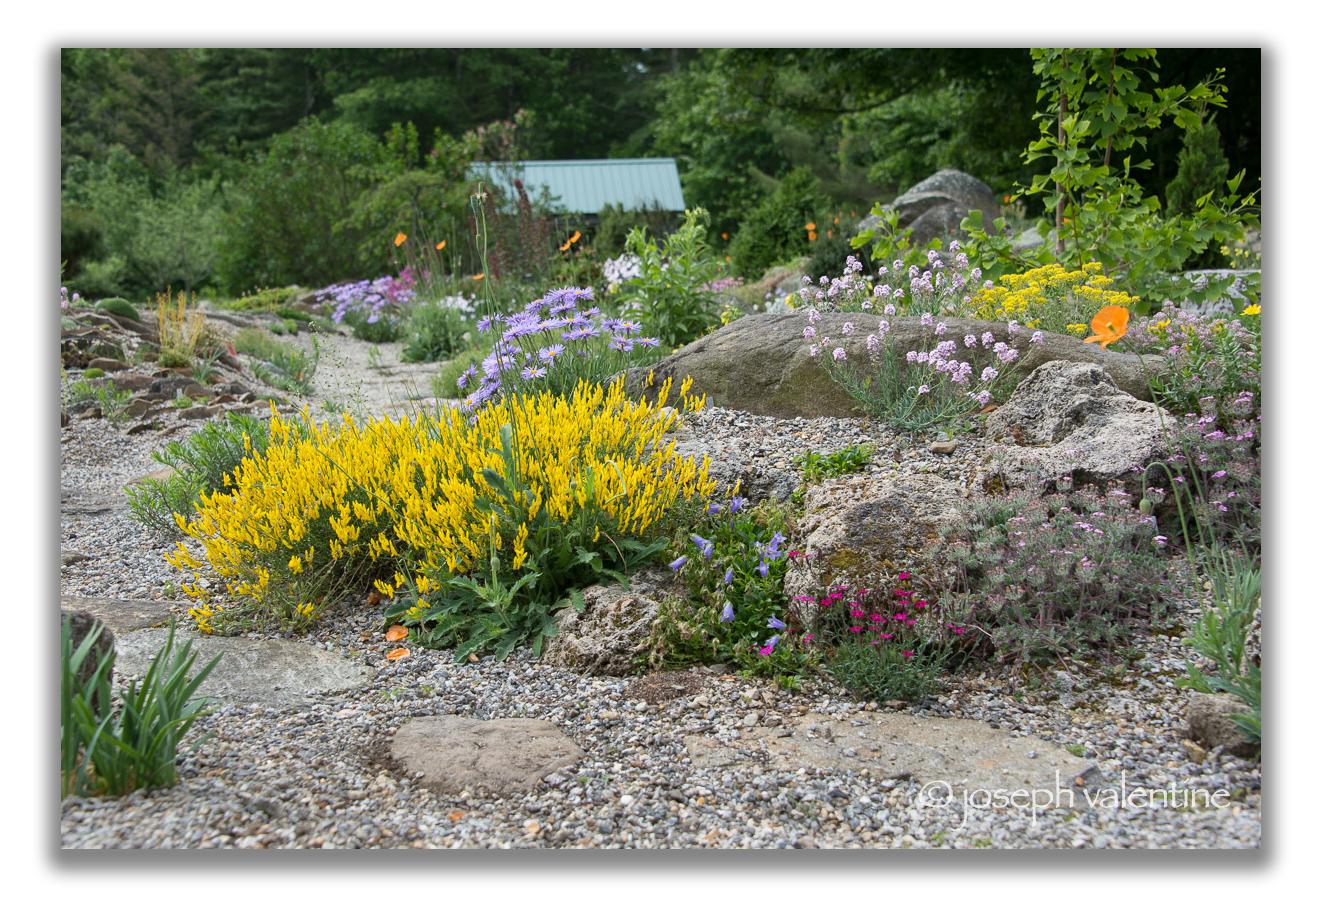 The rock garden at Bruce Lockhart's Swift River Farm in Petersham, Massachusetts.